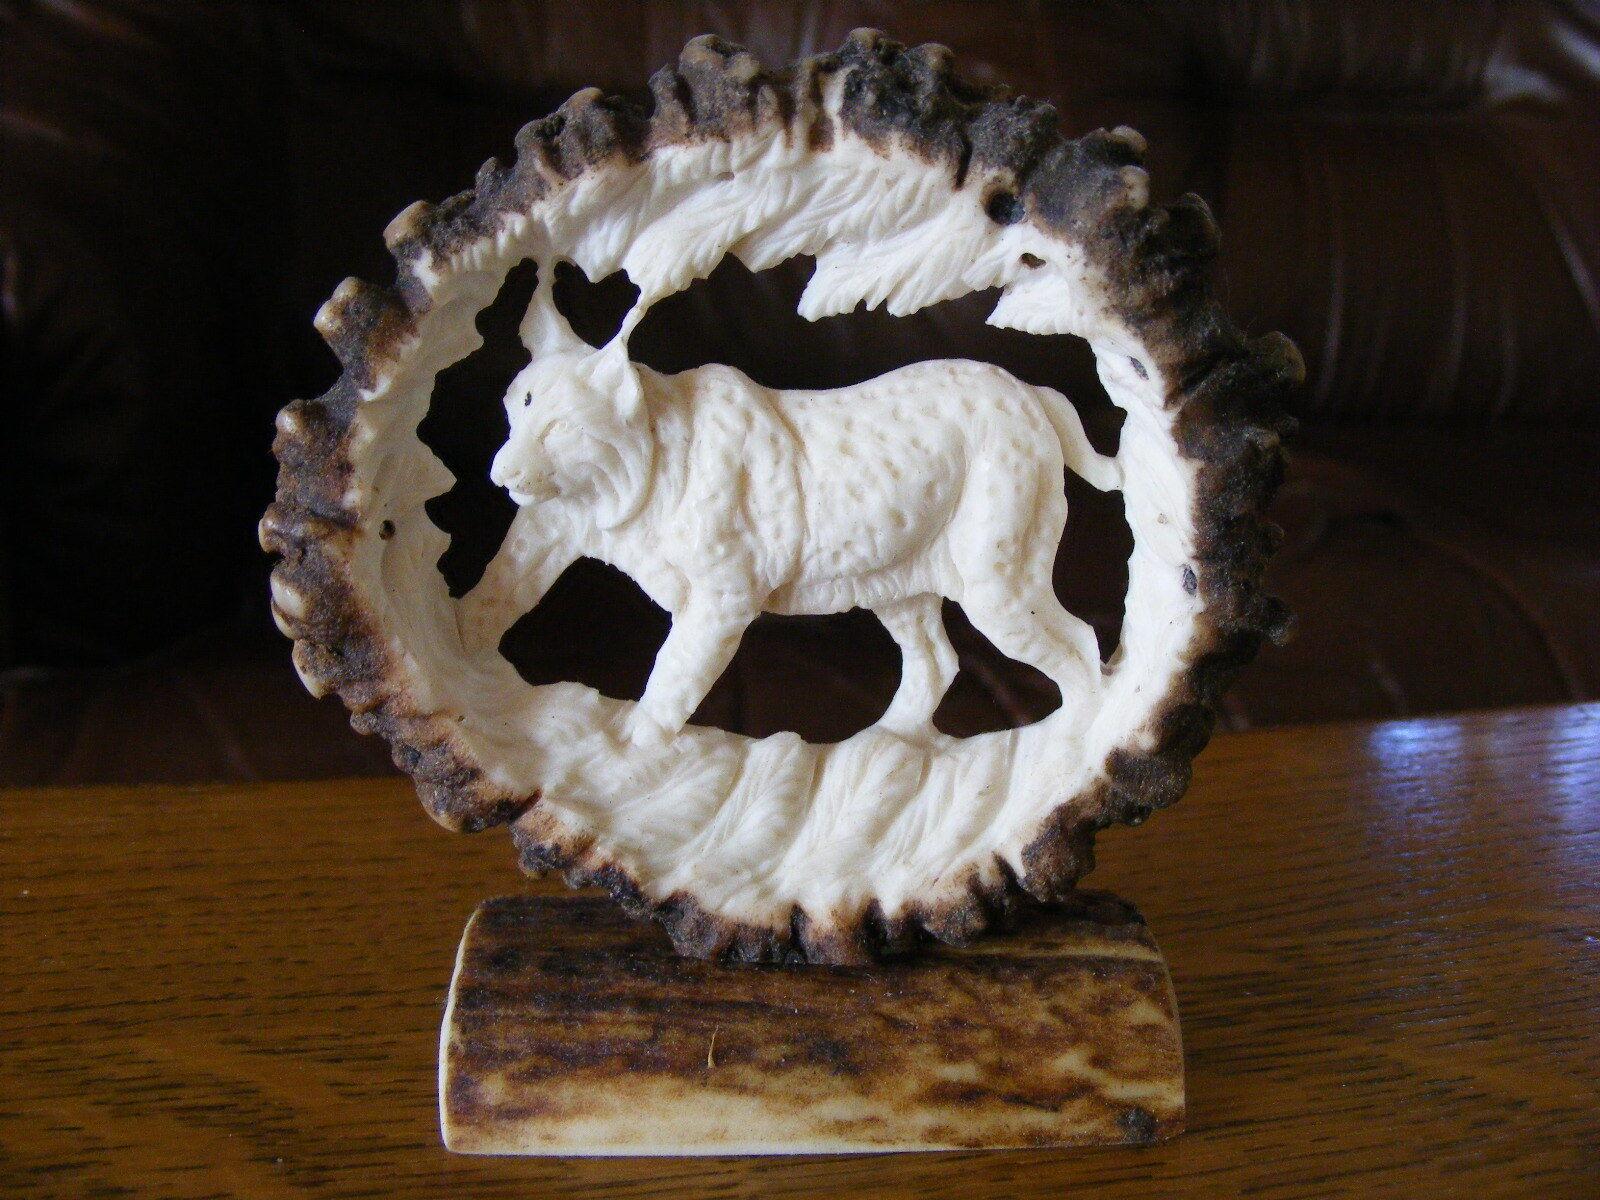 Mano tallada cornamentas, lince, Decoración Taxidermia cráneo de caza